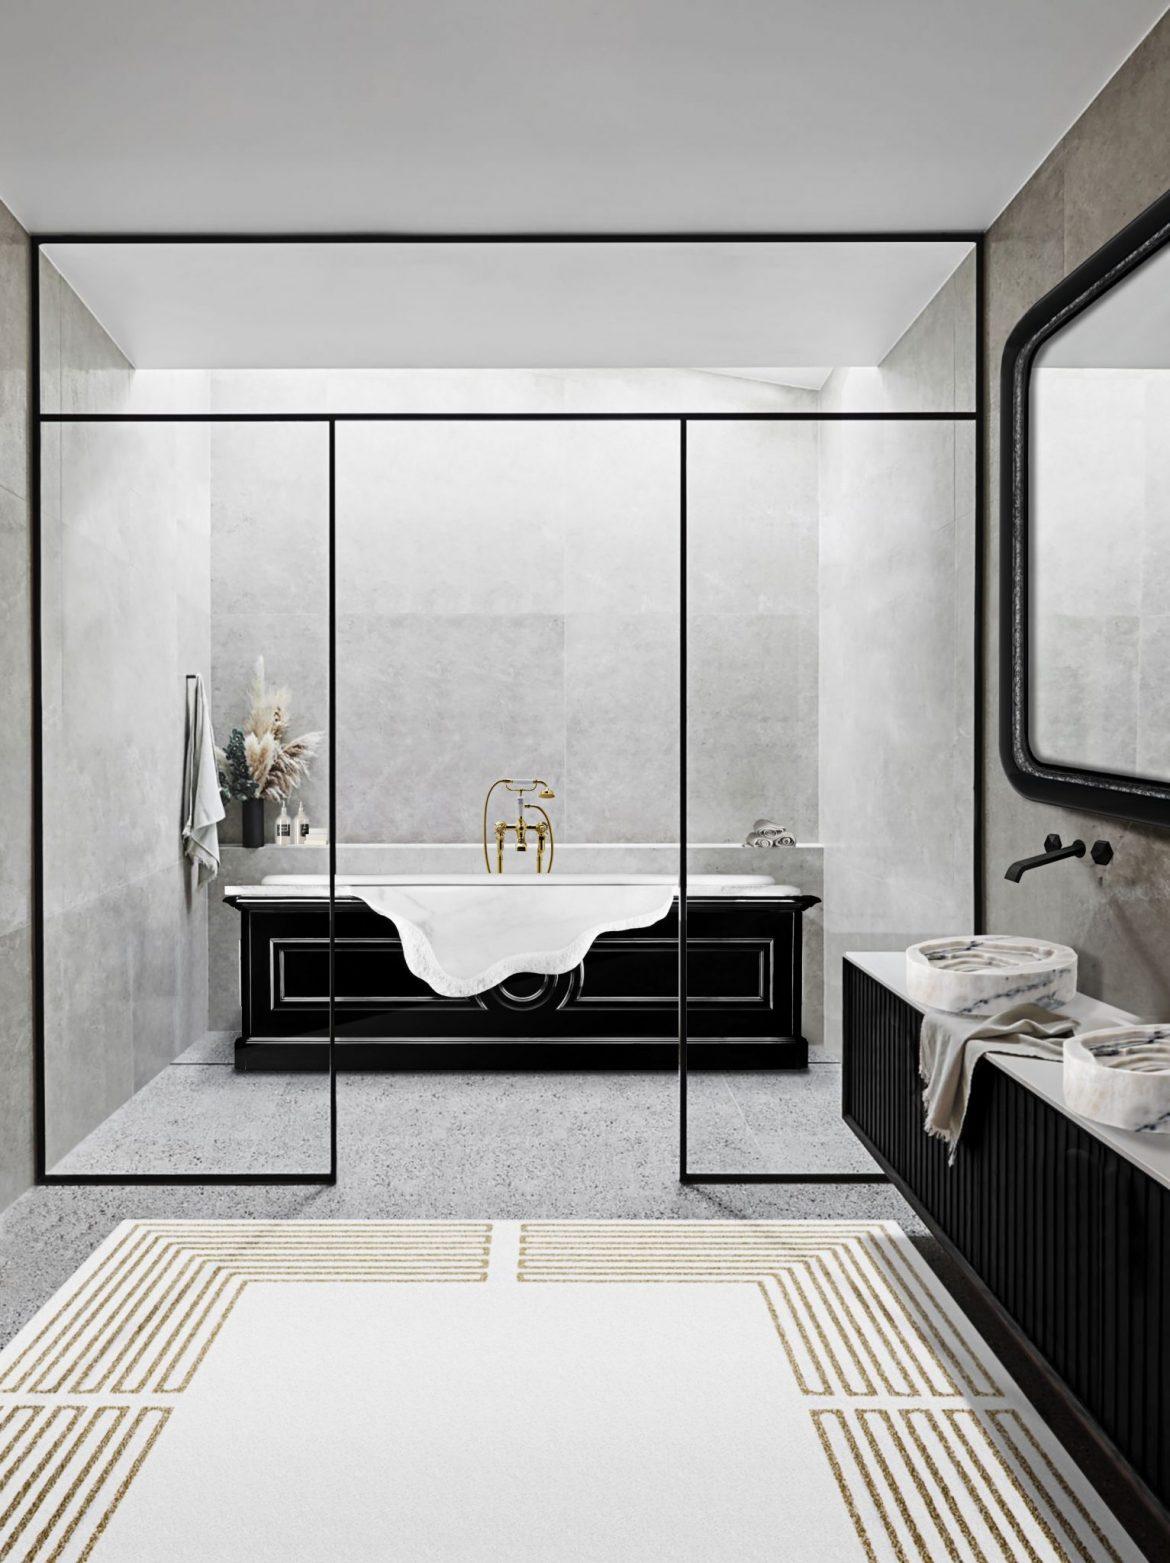 Marvelous Marble Bathrooms Ideas marble bathrooms Marvelous Marble Bathrooms Ideas 2 37